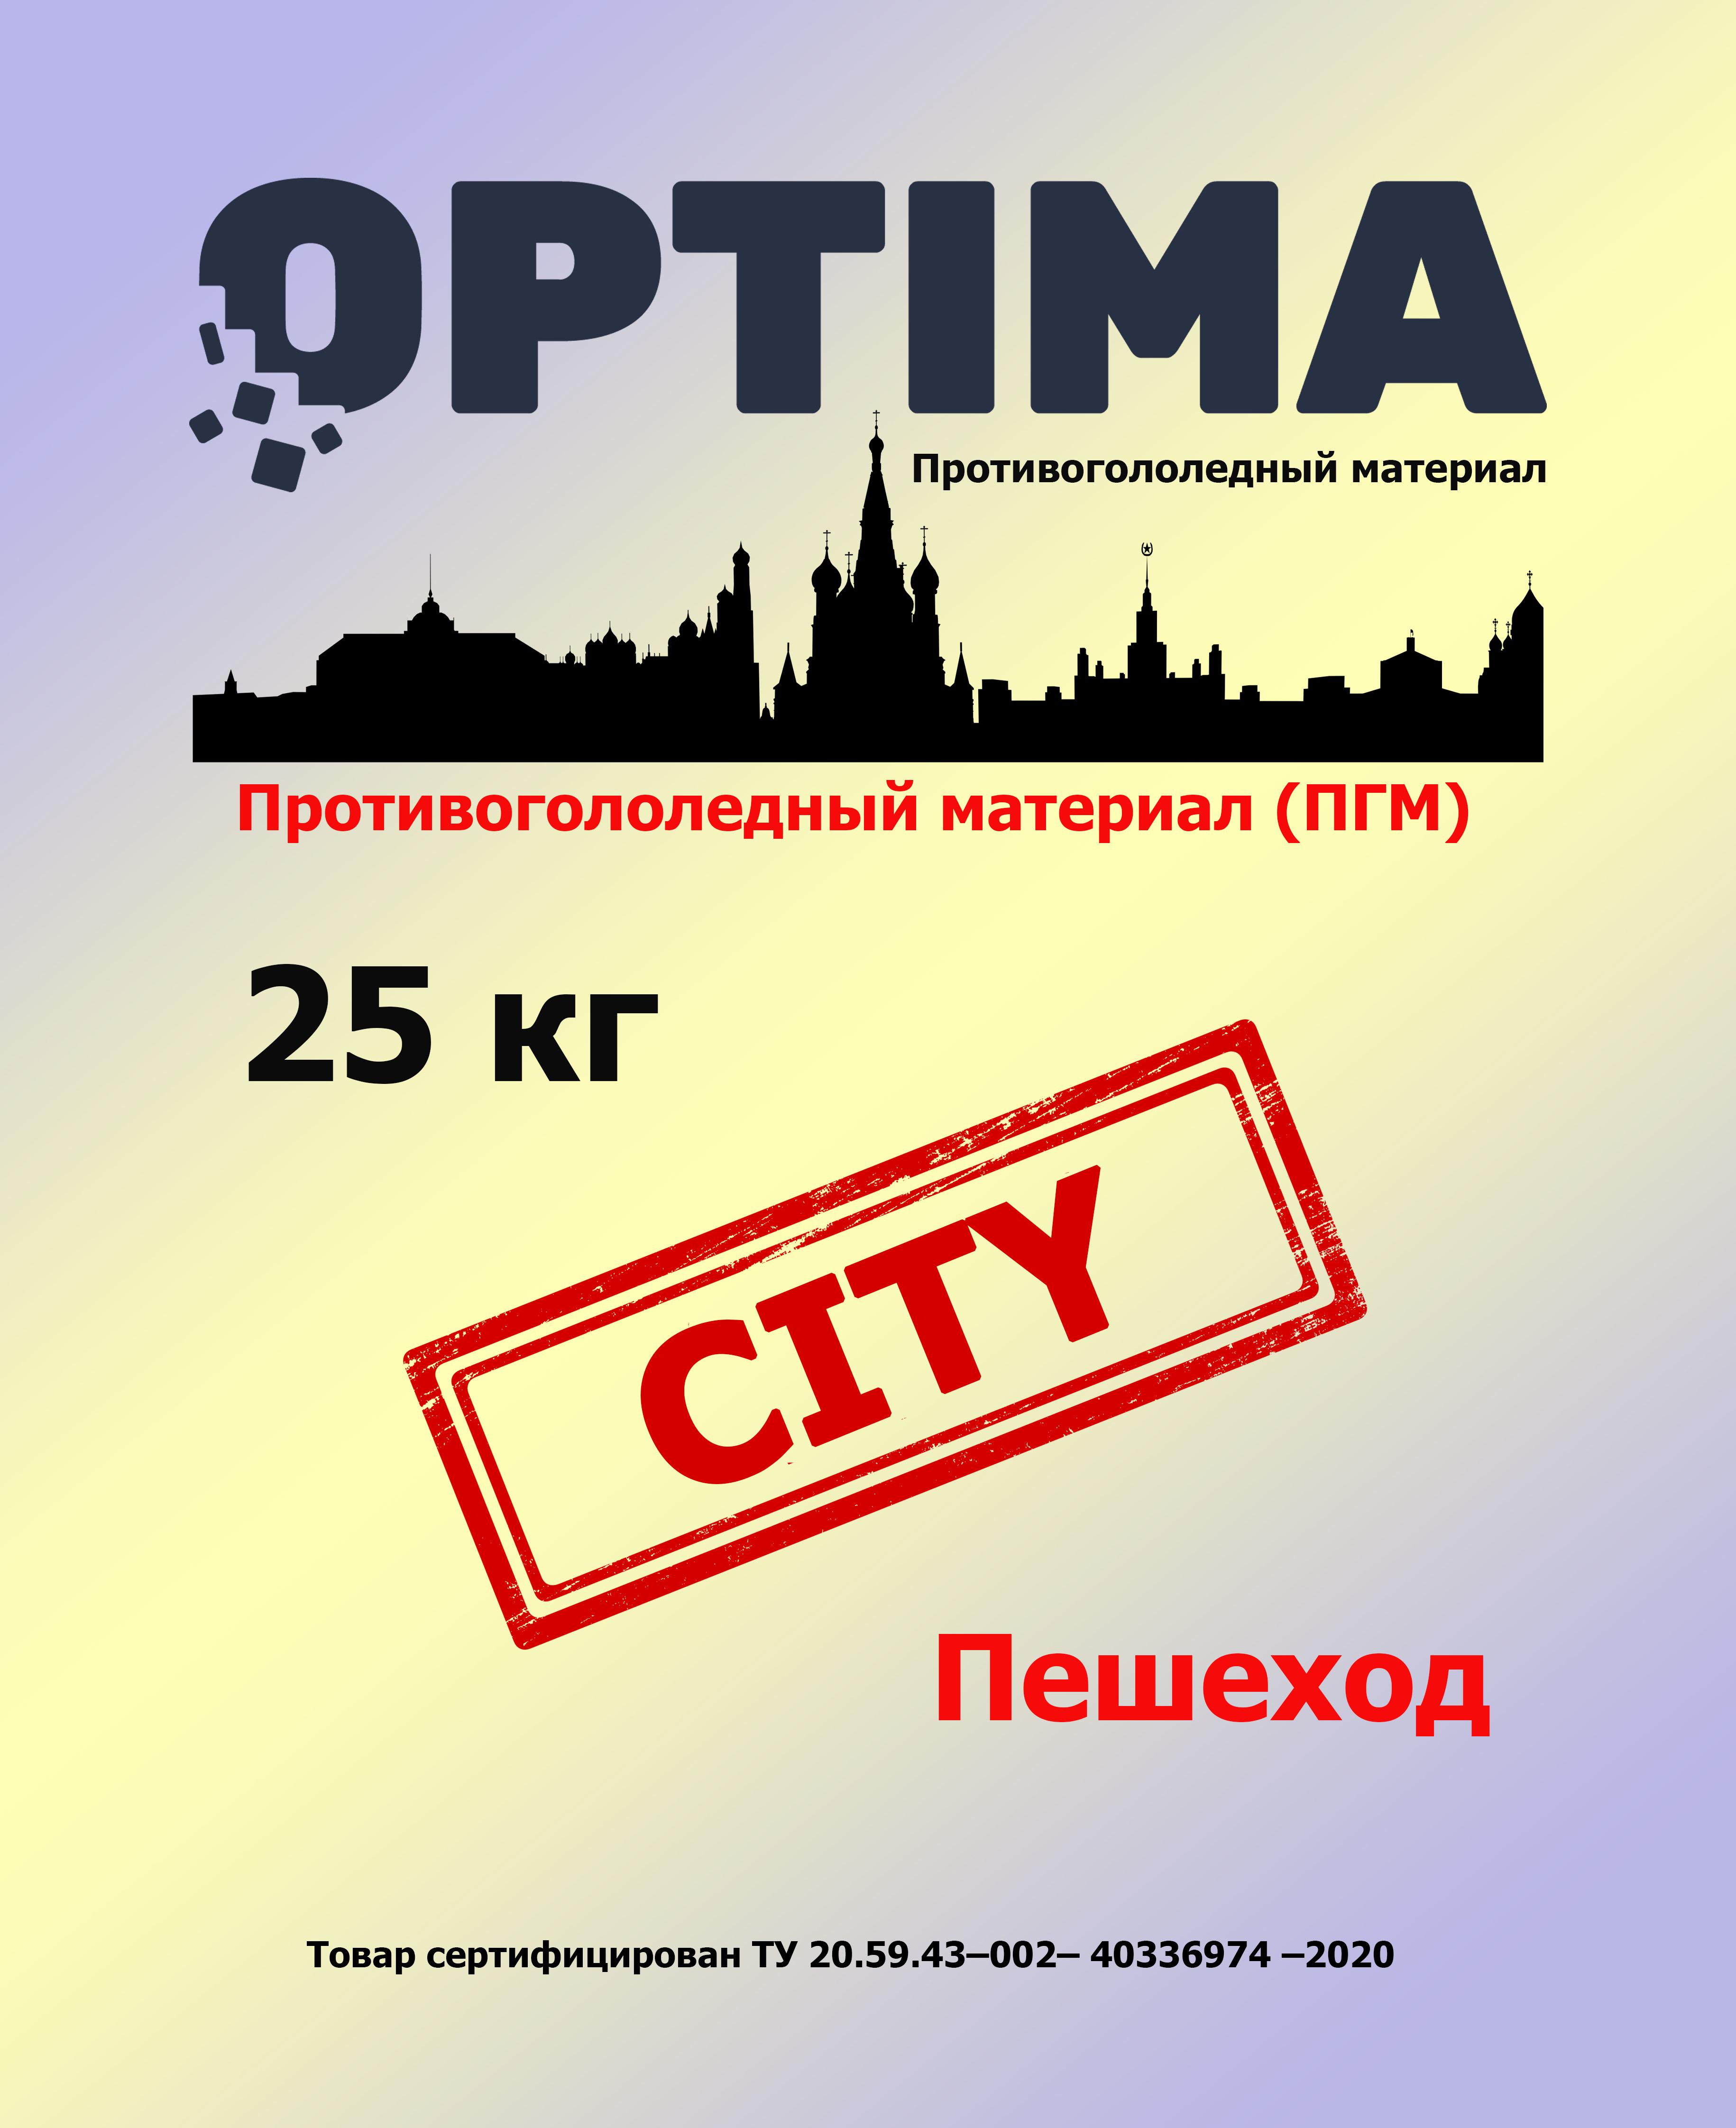 Противогололедный реагент 25 кг (ПГМ, ПЕШЕХОДНЫЙ)